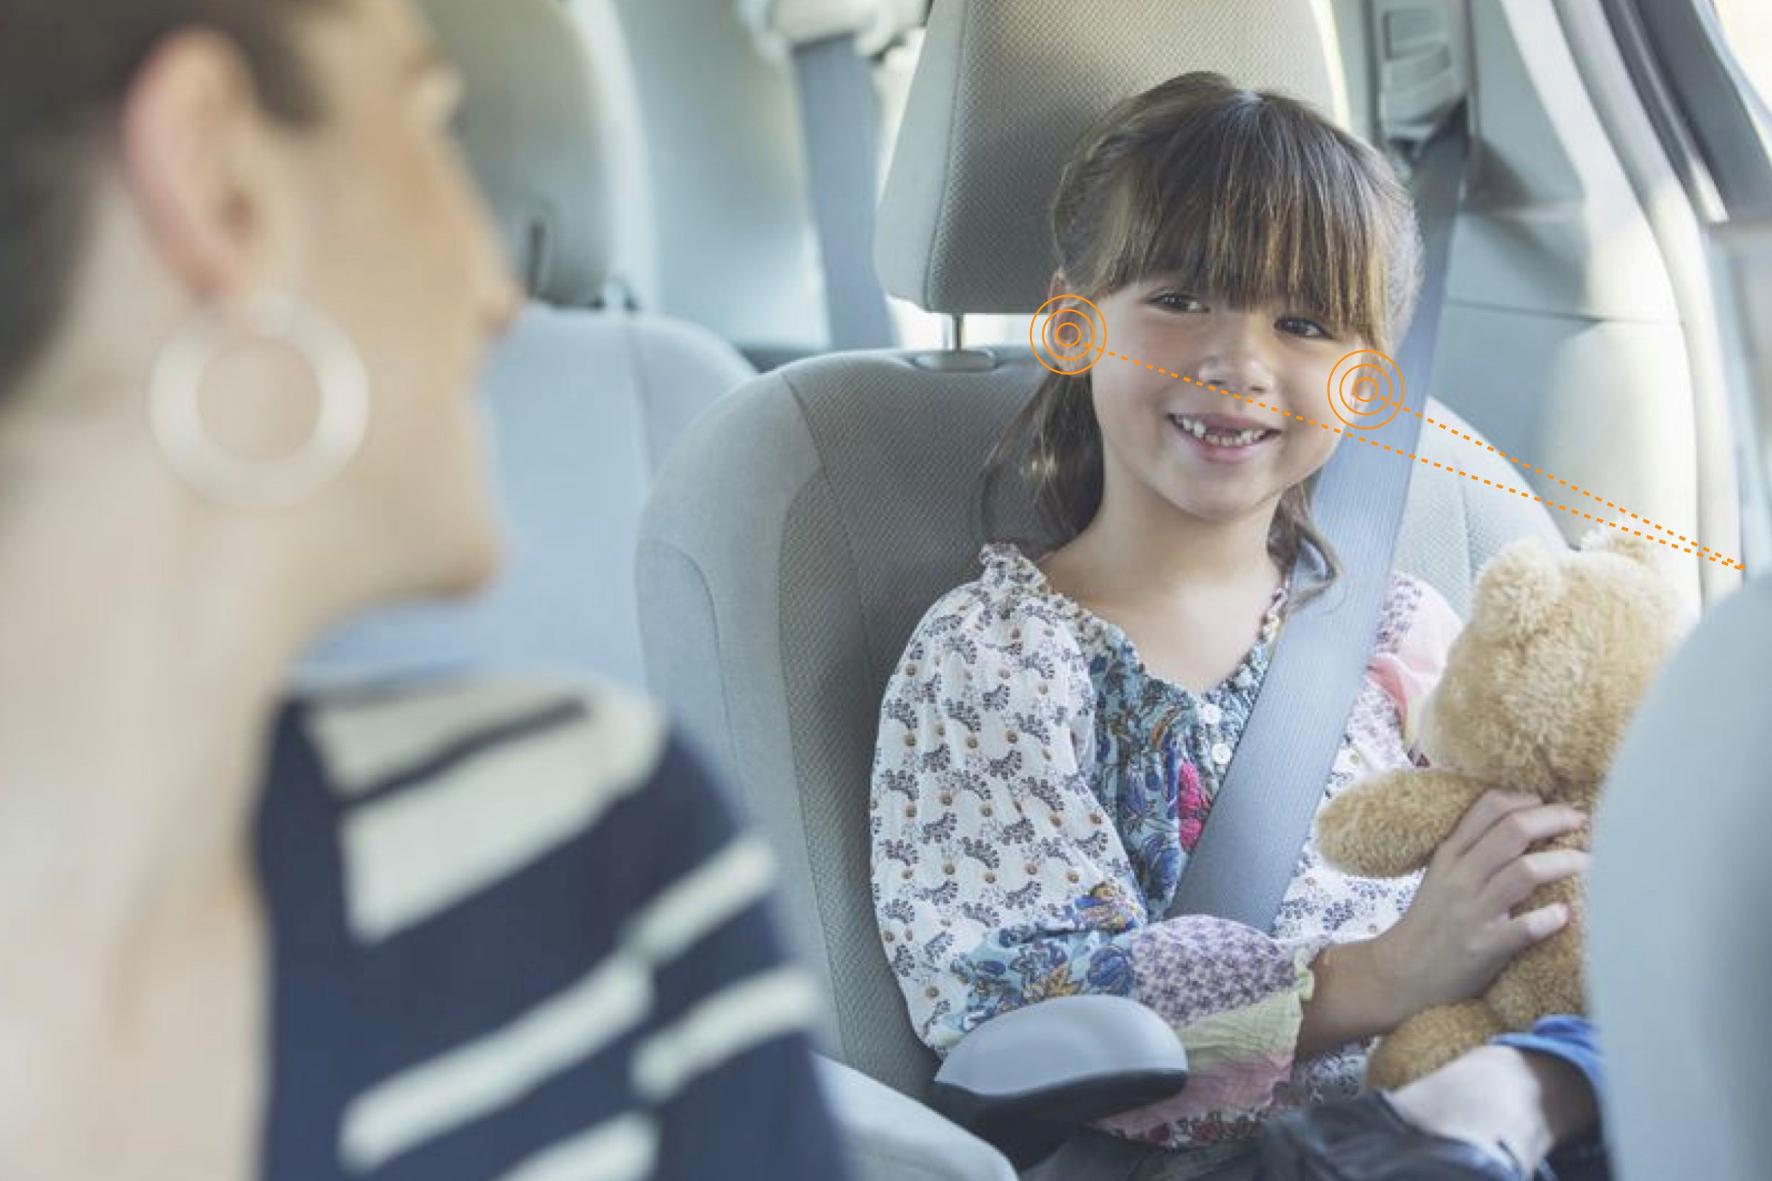 mid Groß-Gerau - Da gibt es was auf die Ohren: Jeder Fahrzeug-Insasse, ob groß, ob klein, kann ohne Kopfhörer seiner eigene Lieblingsmusik oder einem Hörspiel lauschen. Seat